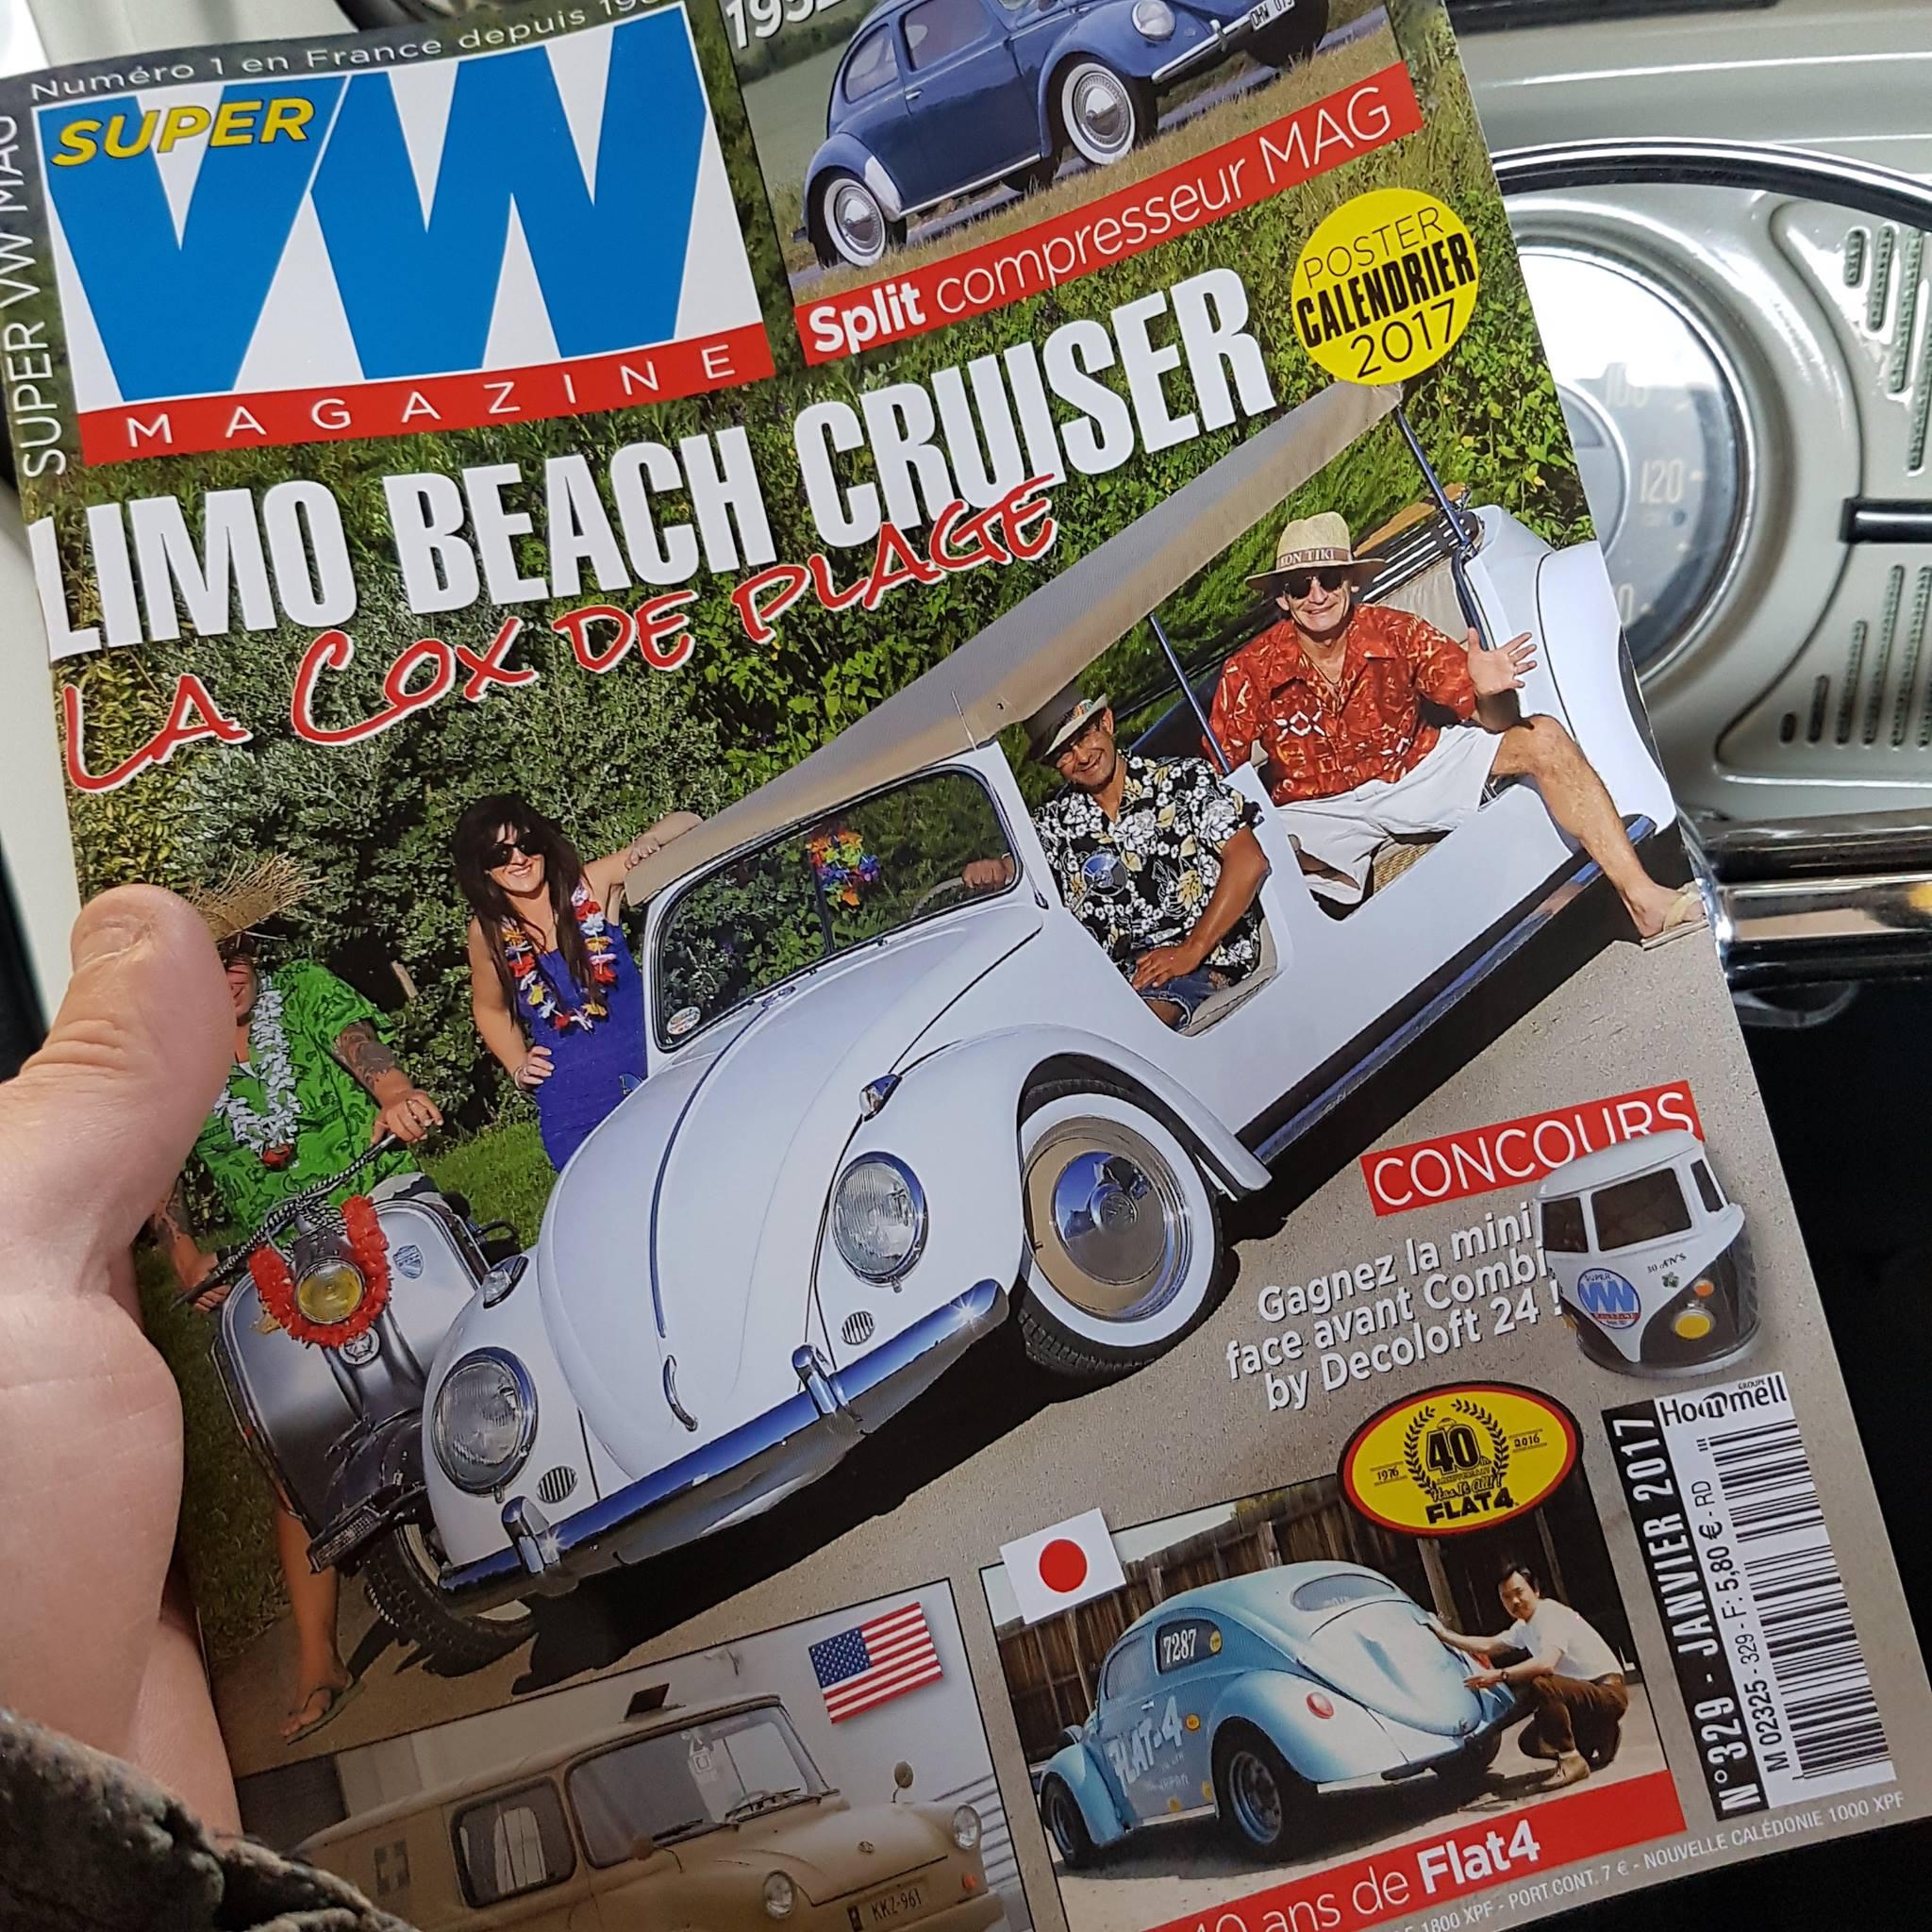 Decoloft 24 à la une du Super VW magazine